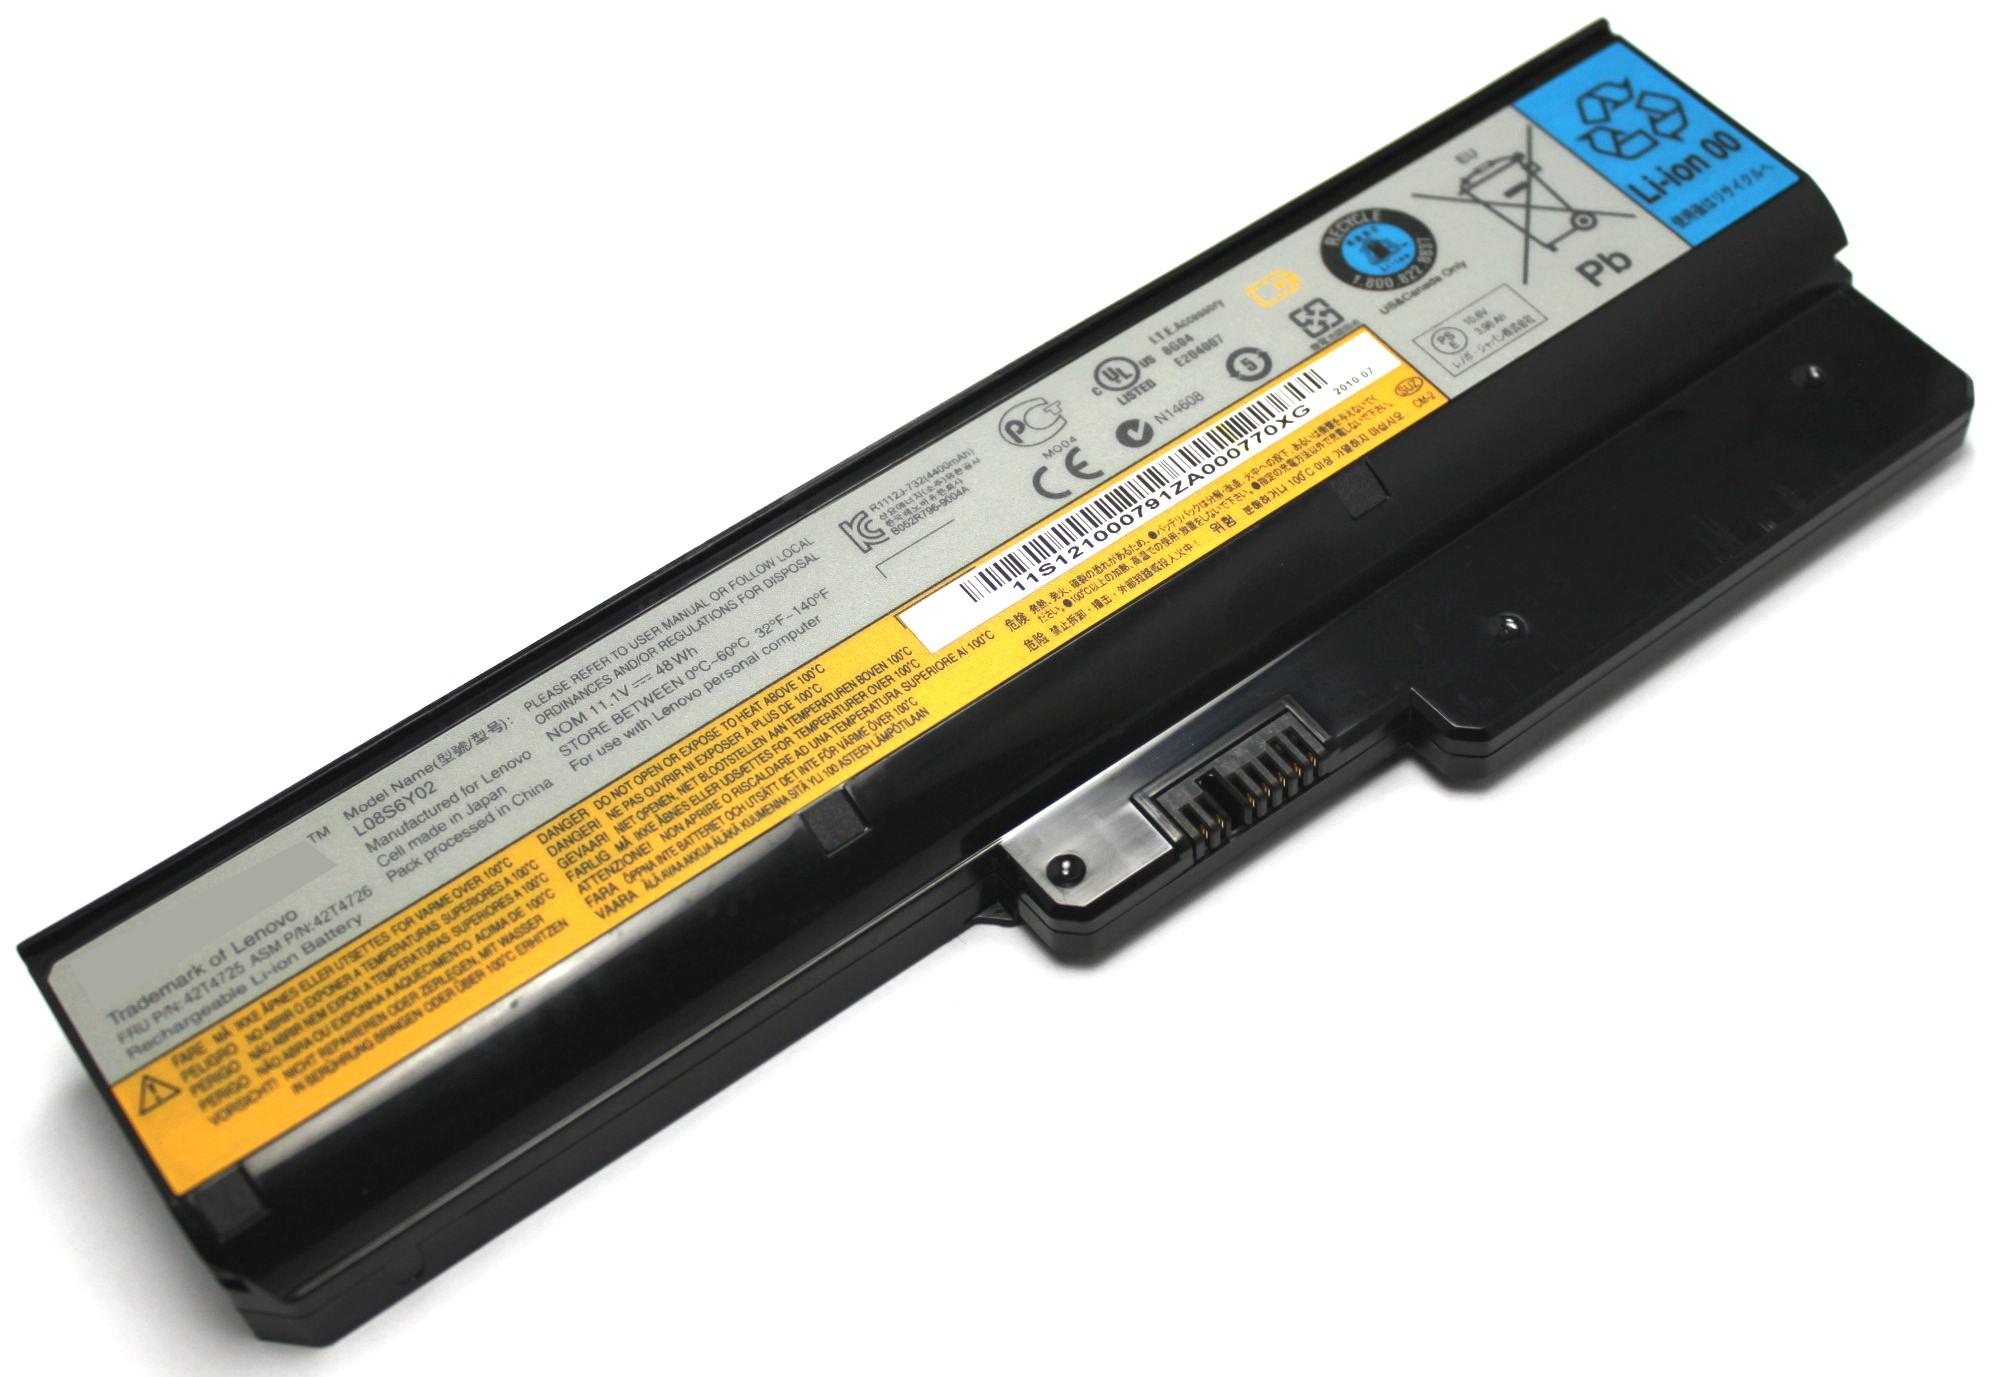 Acer Aspire E5 573g 59c3 Battery Replacement Part Laptop Parts Diagram